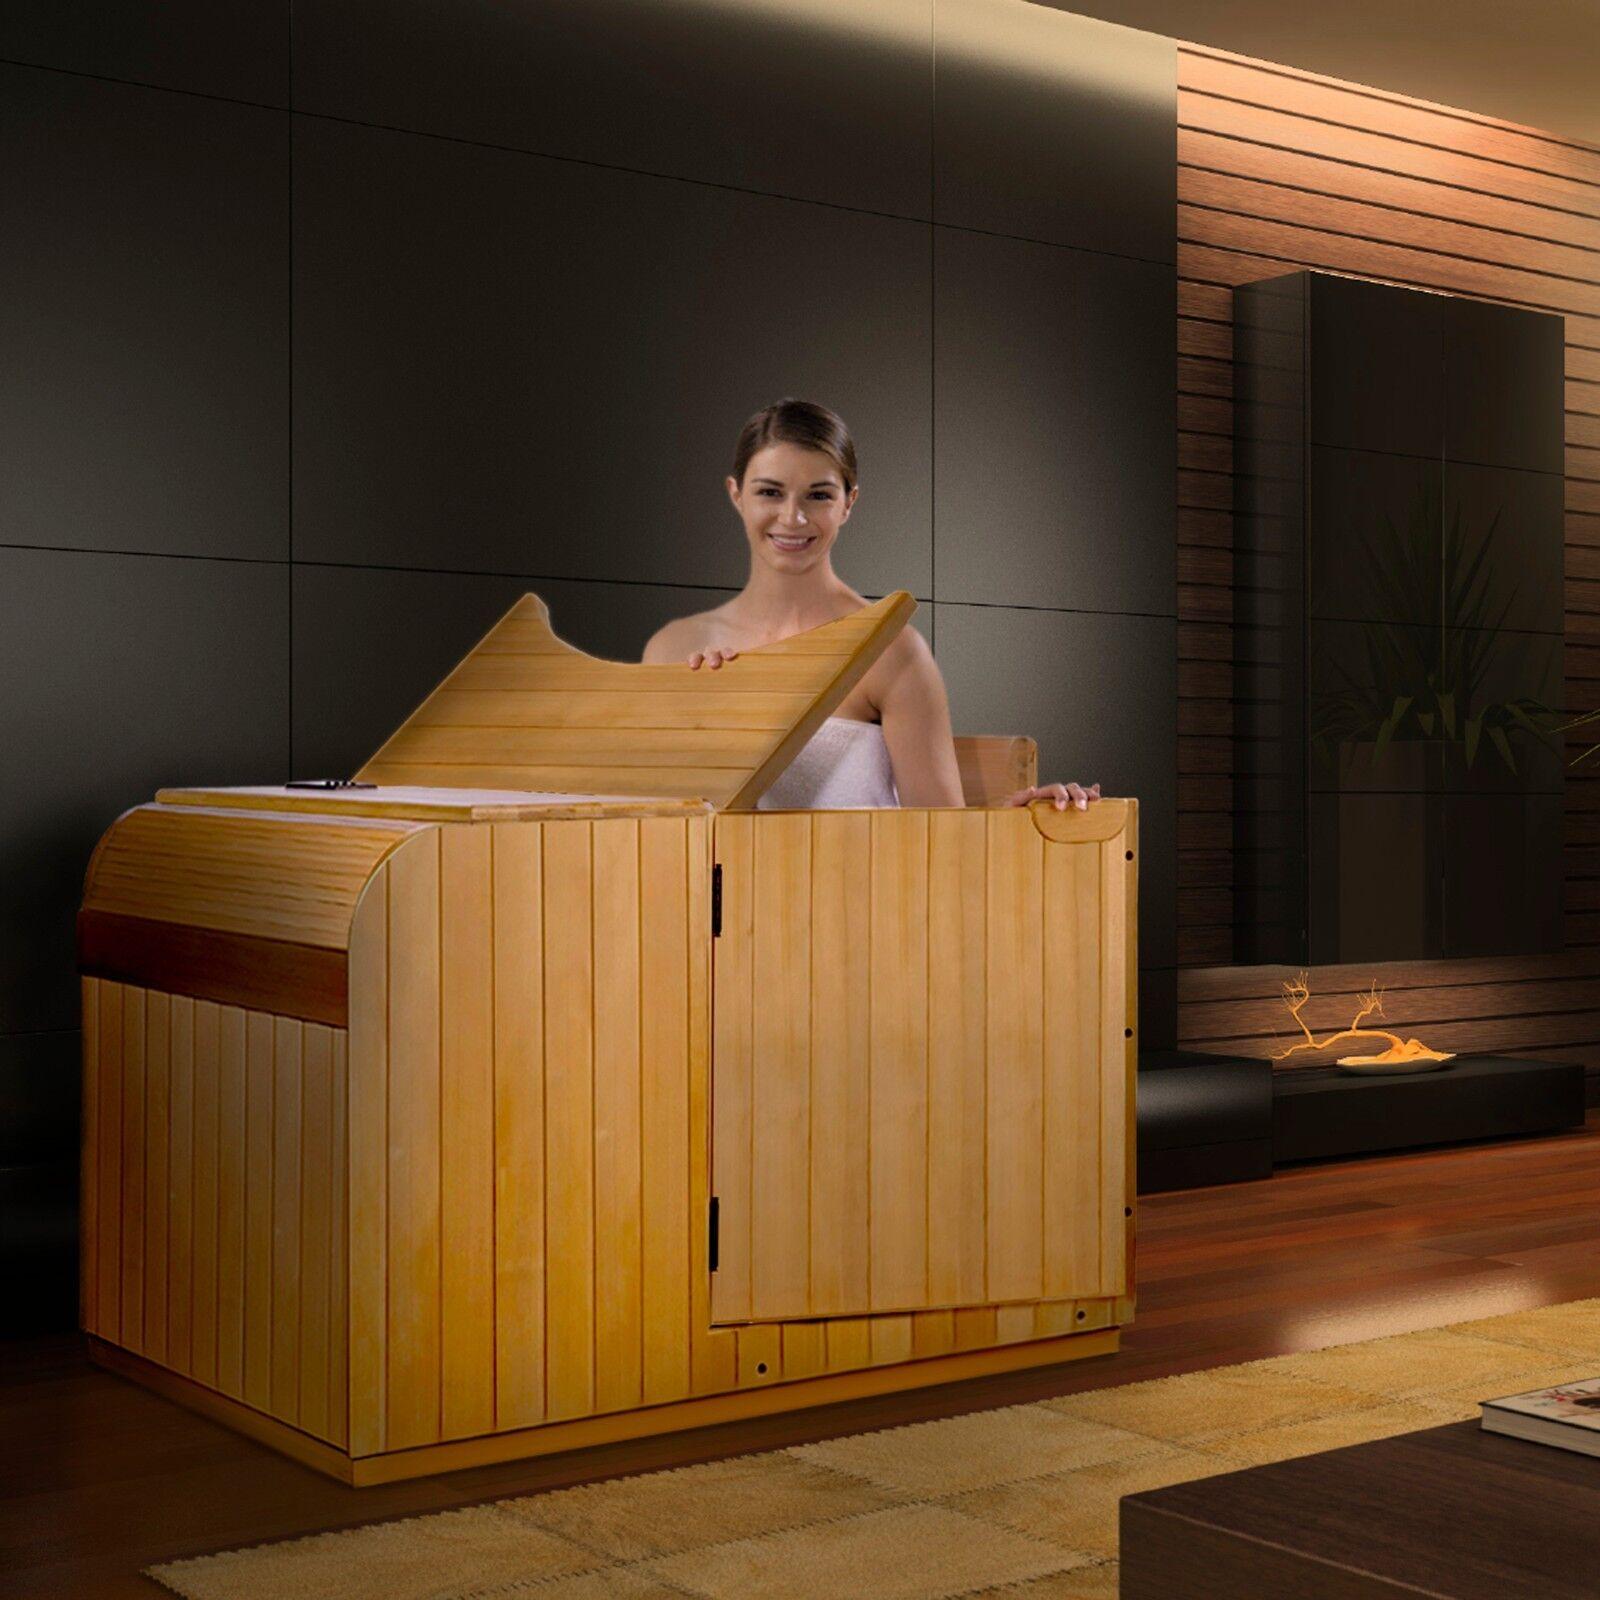 infrared sauna ebay